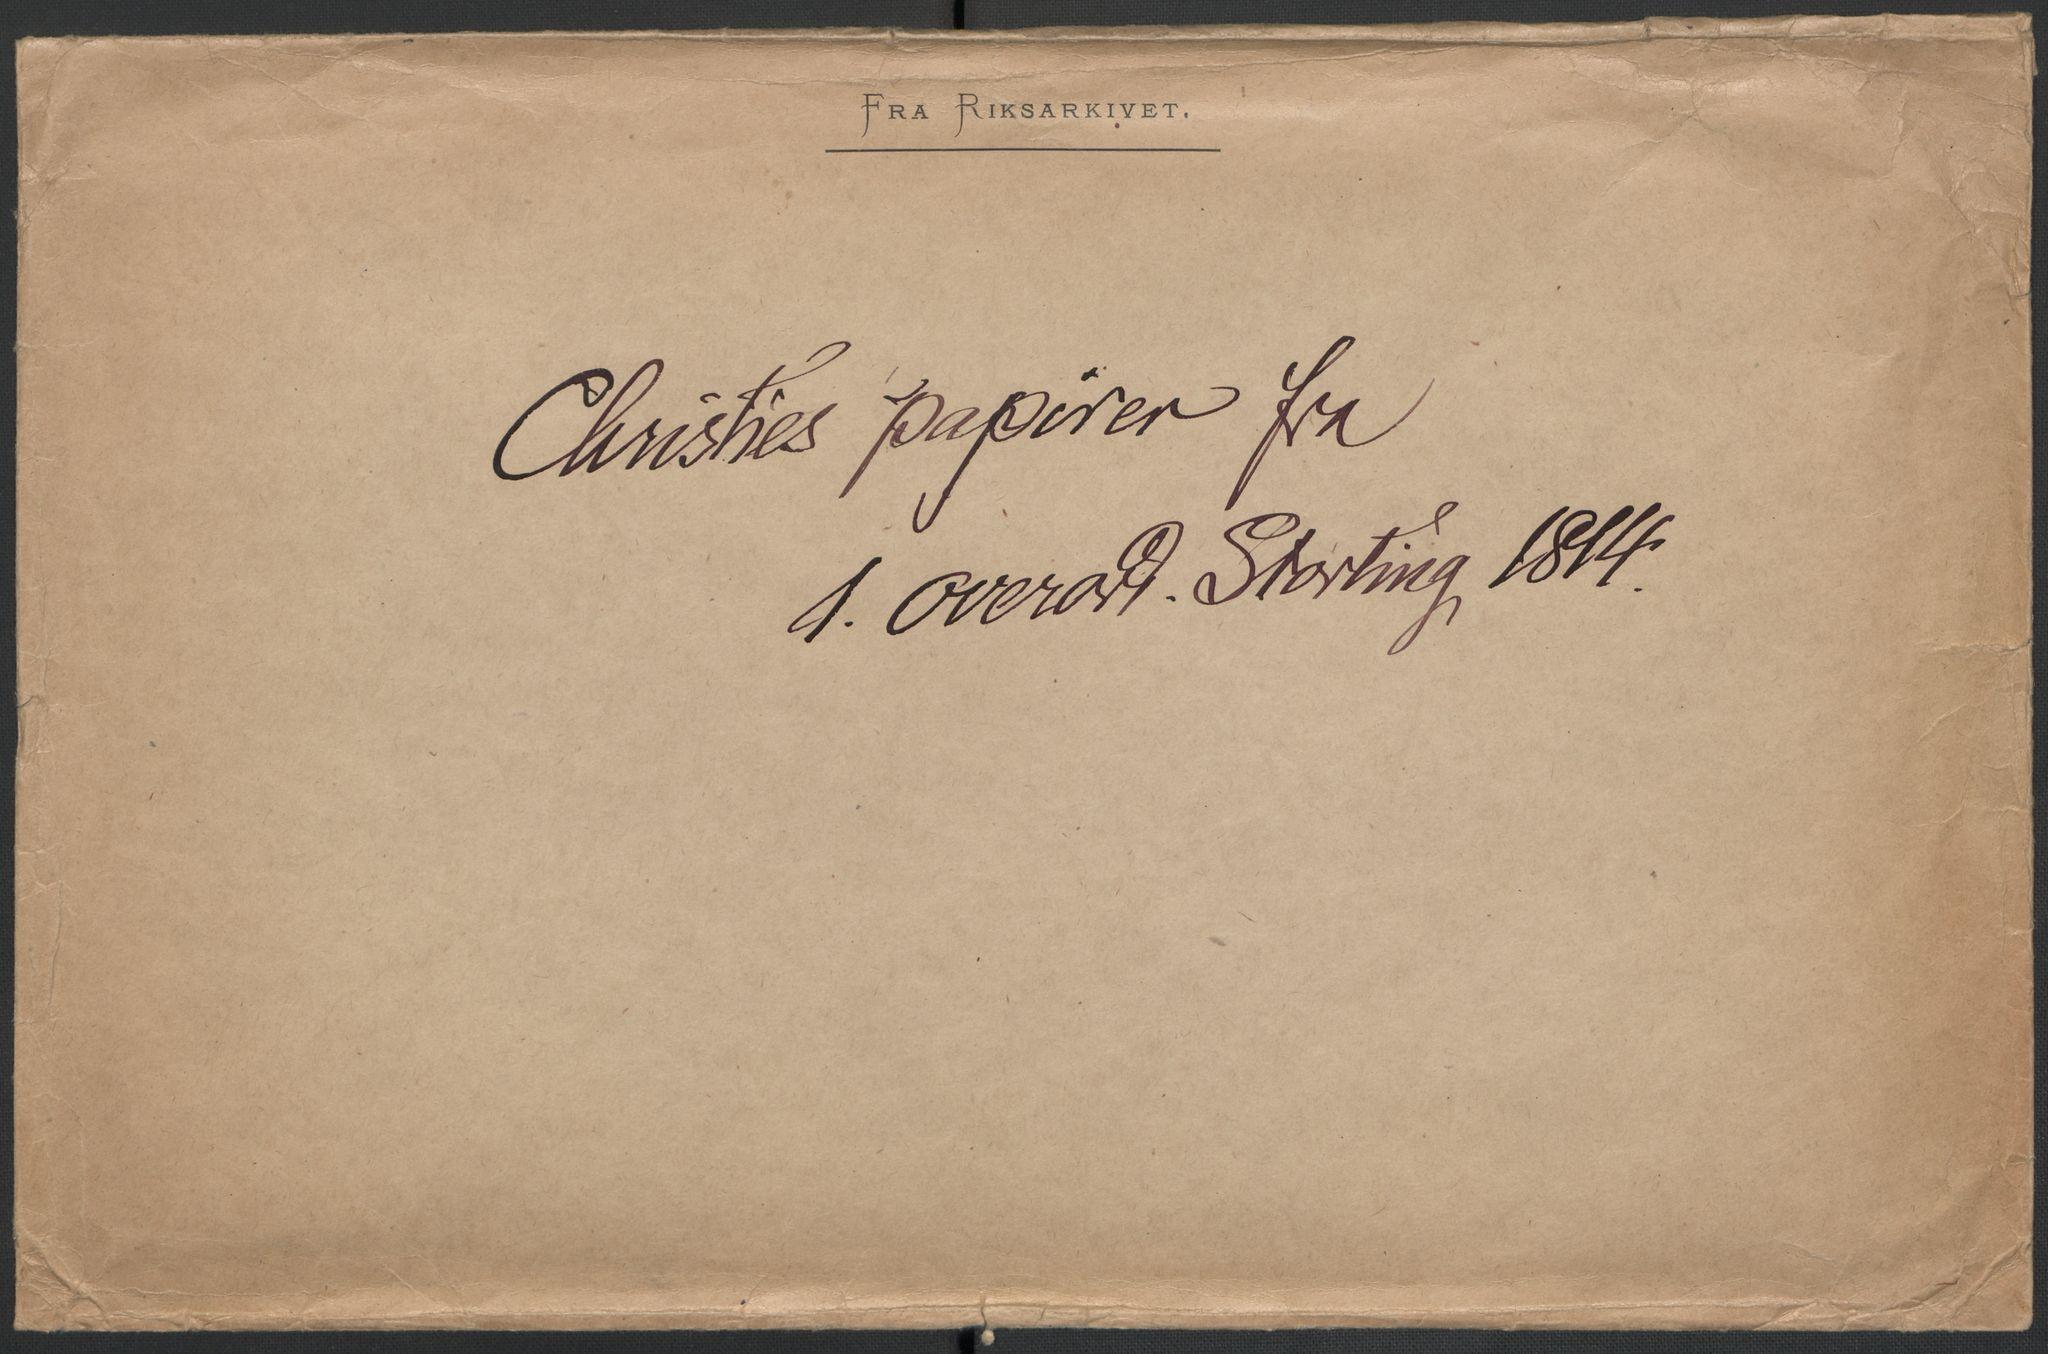 RA, Christie, Wilhelm Frimann Koren, F/L0004, 1814, s. 198